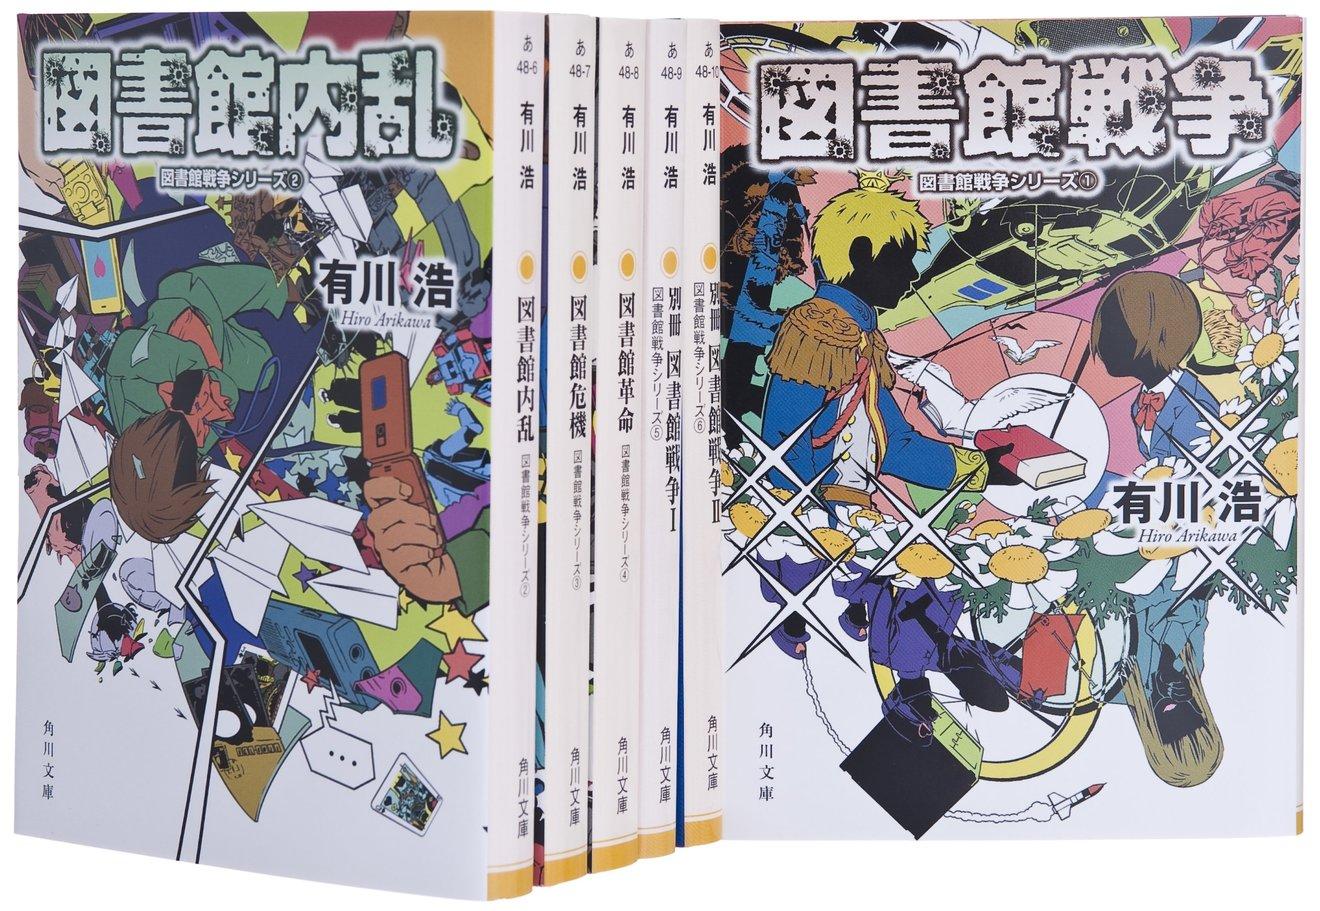 有川浩作品の魅力に迫るおすすめ9選!笑って泣ける!